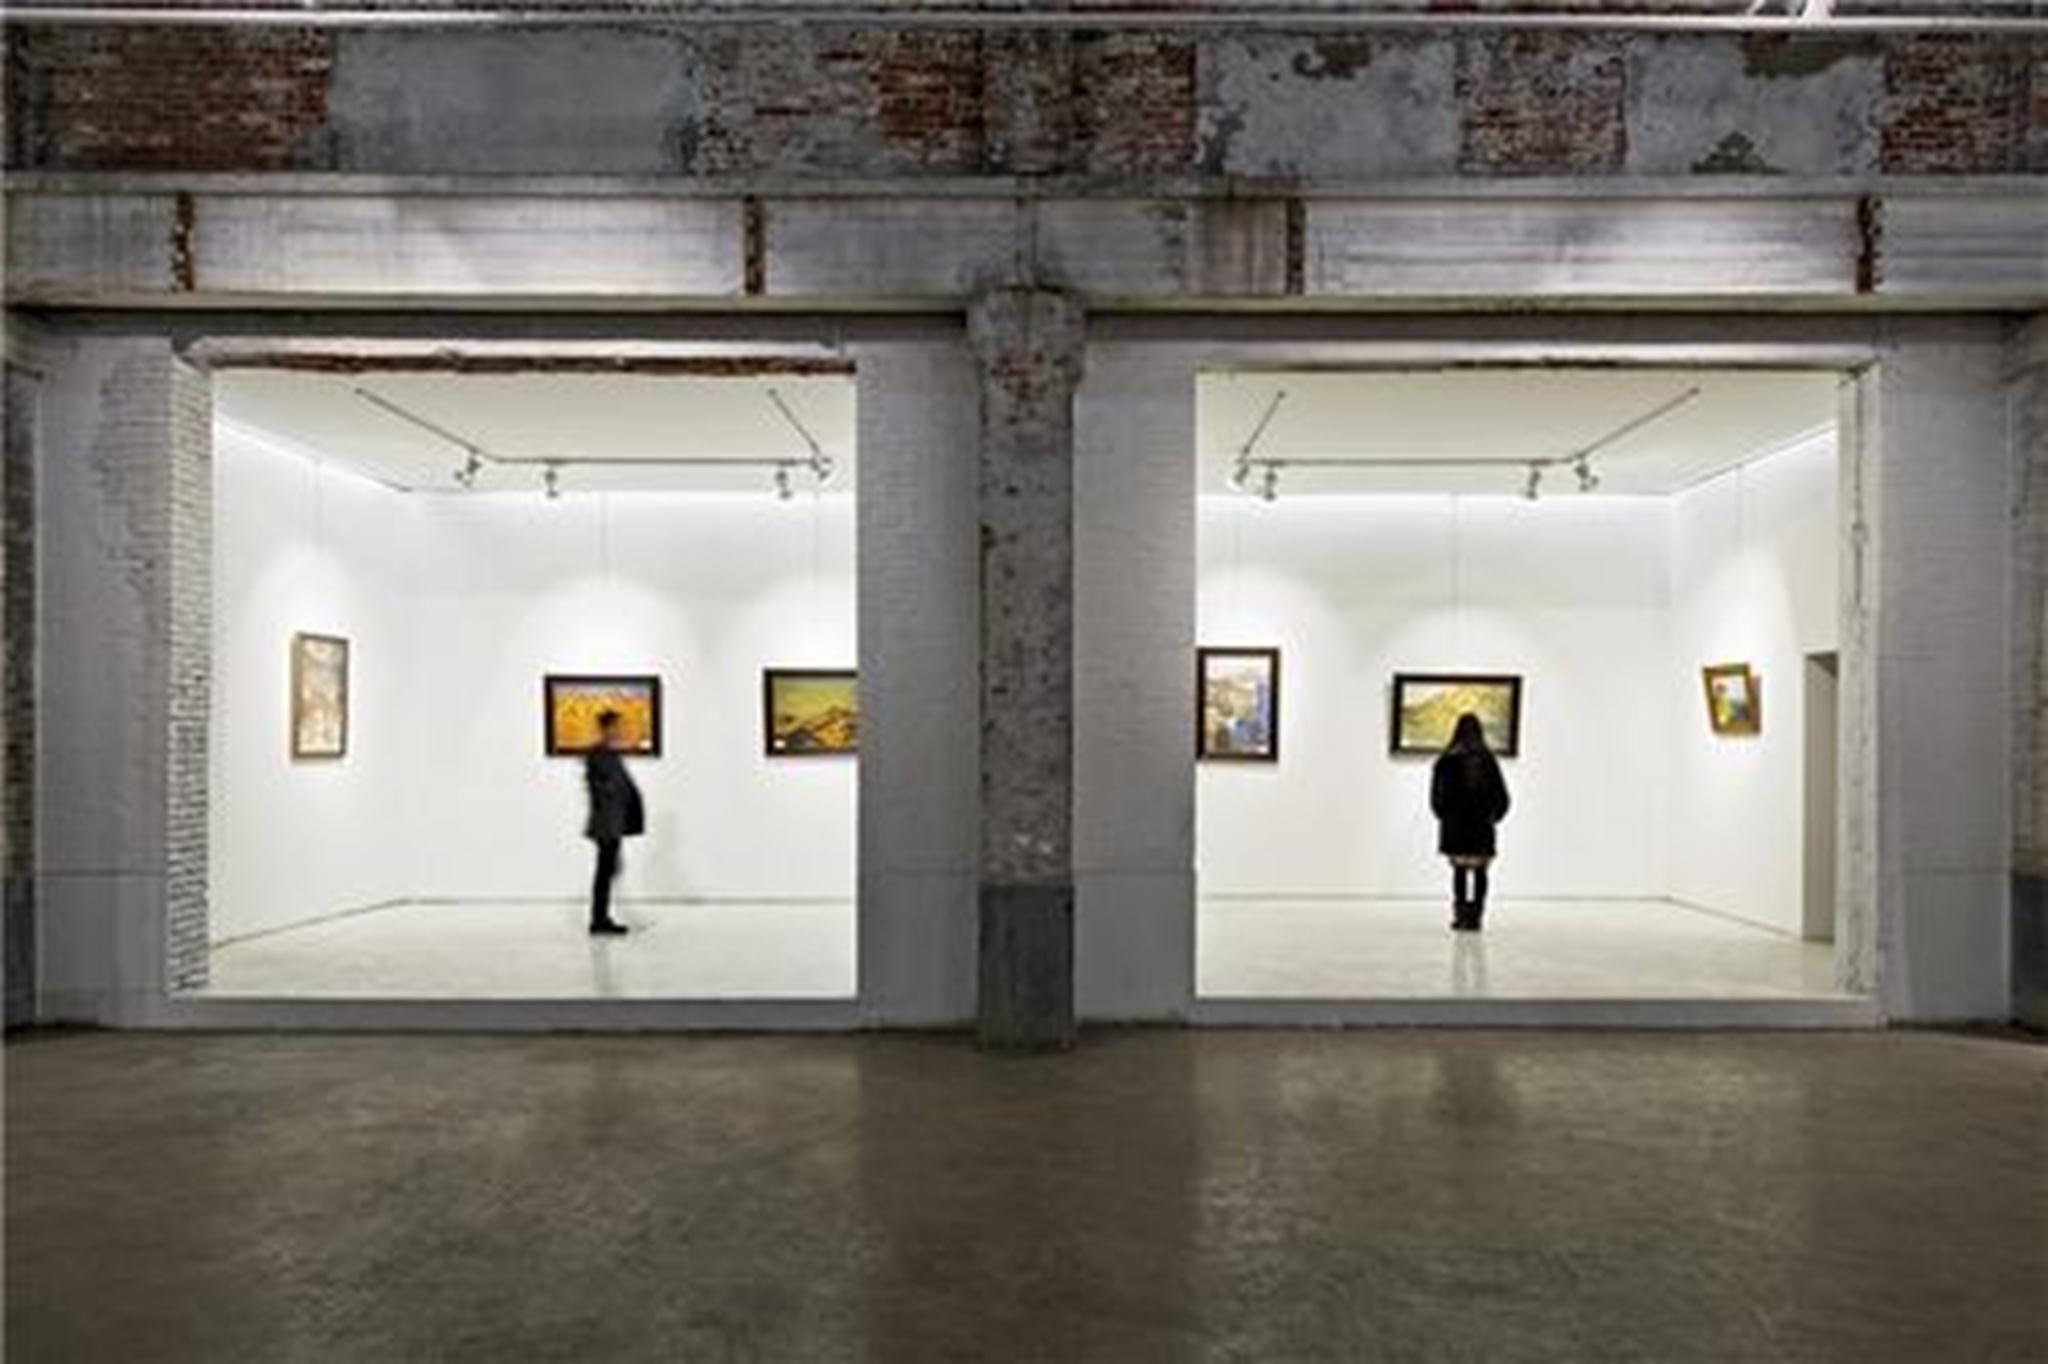 Ánh sáng hiển thị trên những bức tường hiện đại tương phản với cấu trúc cũ của nhà máy